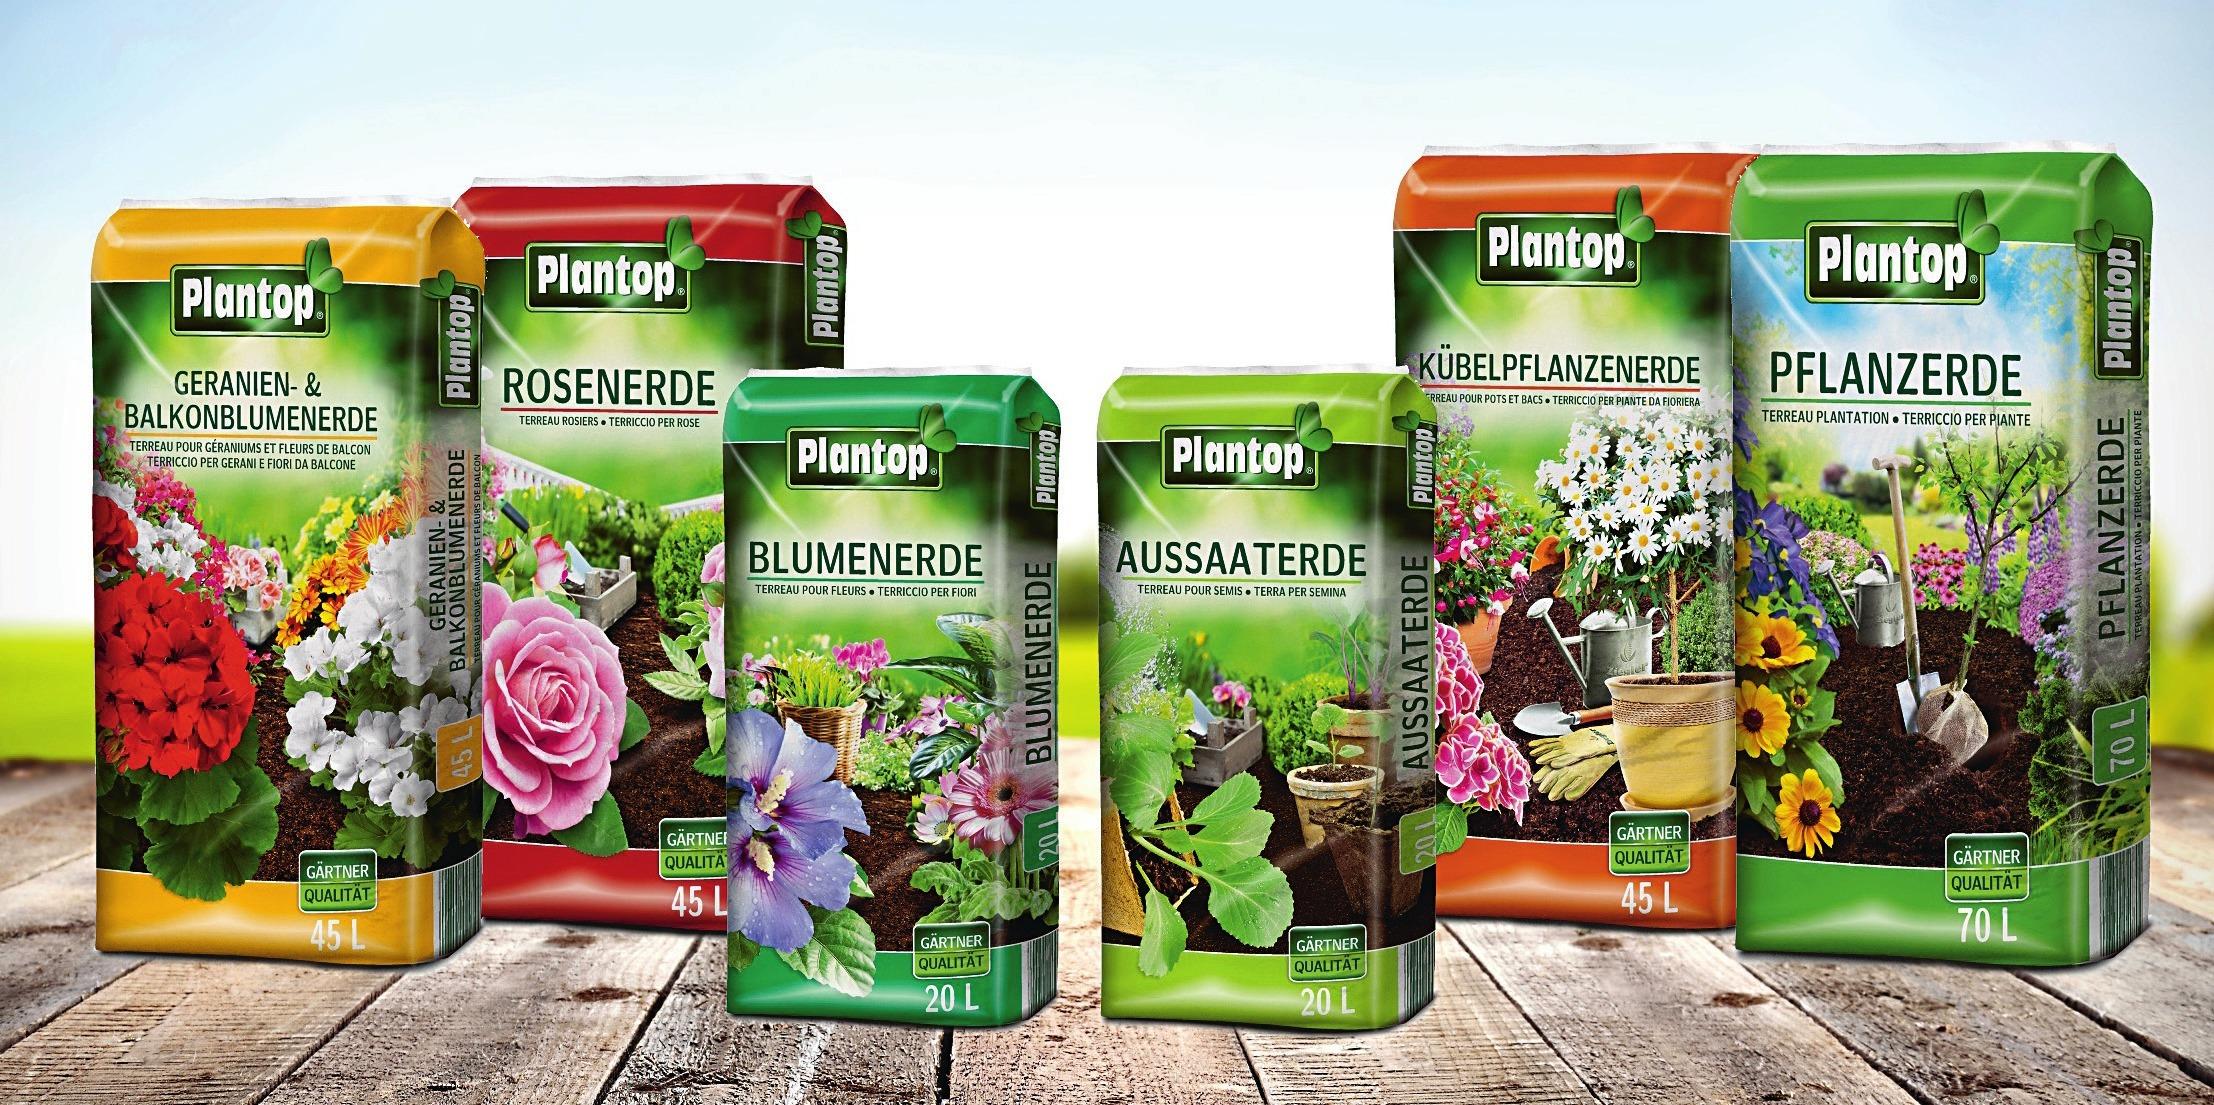 Die Plantop-Familie von Ziegler hält für zahlreiche Anwendungen geeignete Rezepturen bereit. Werkfotos